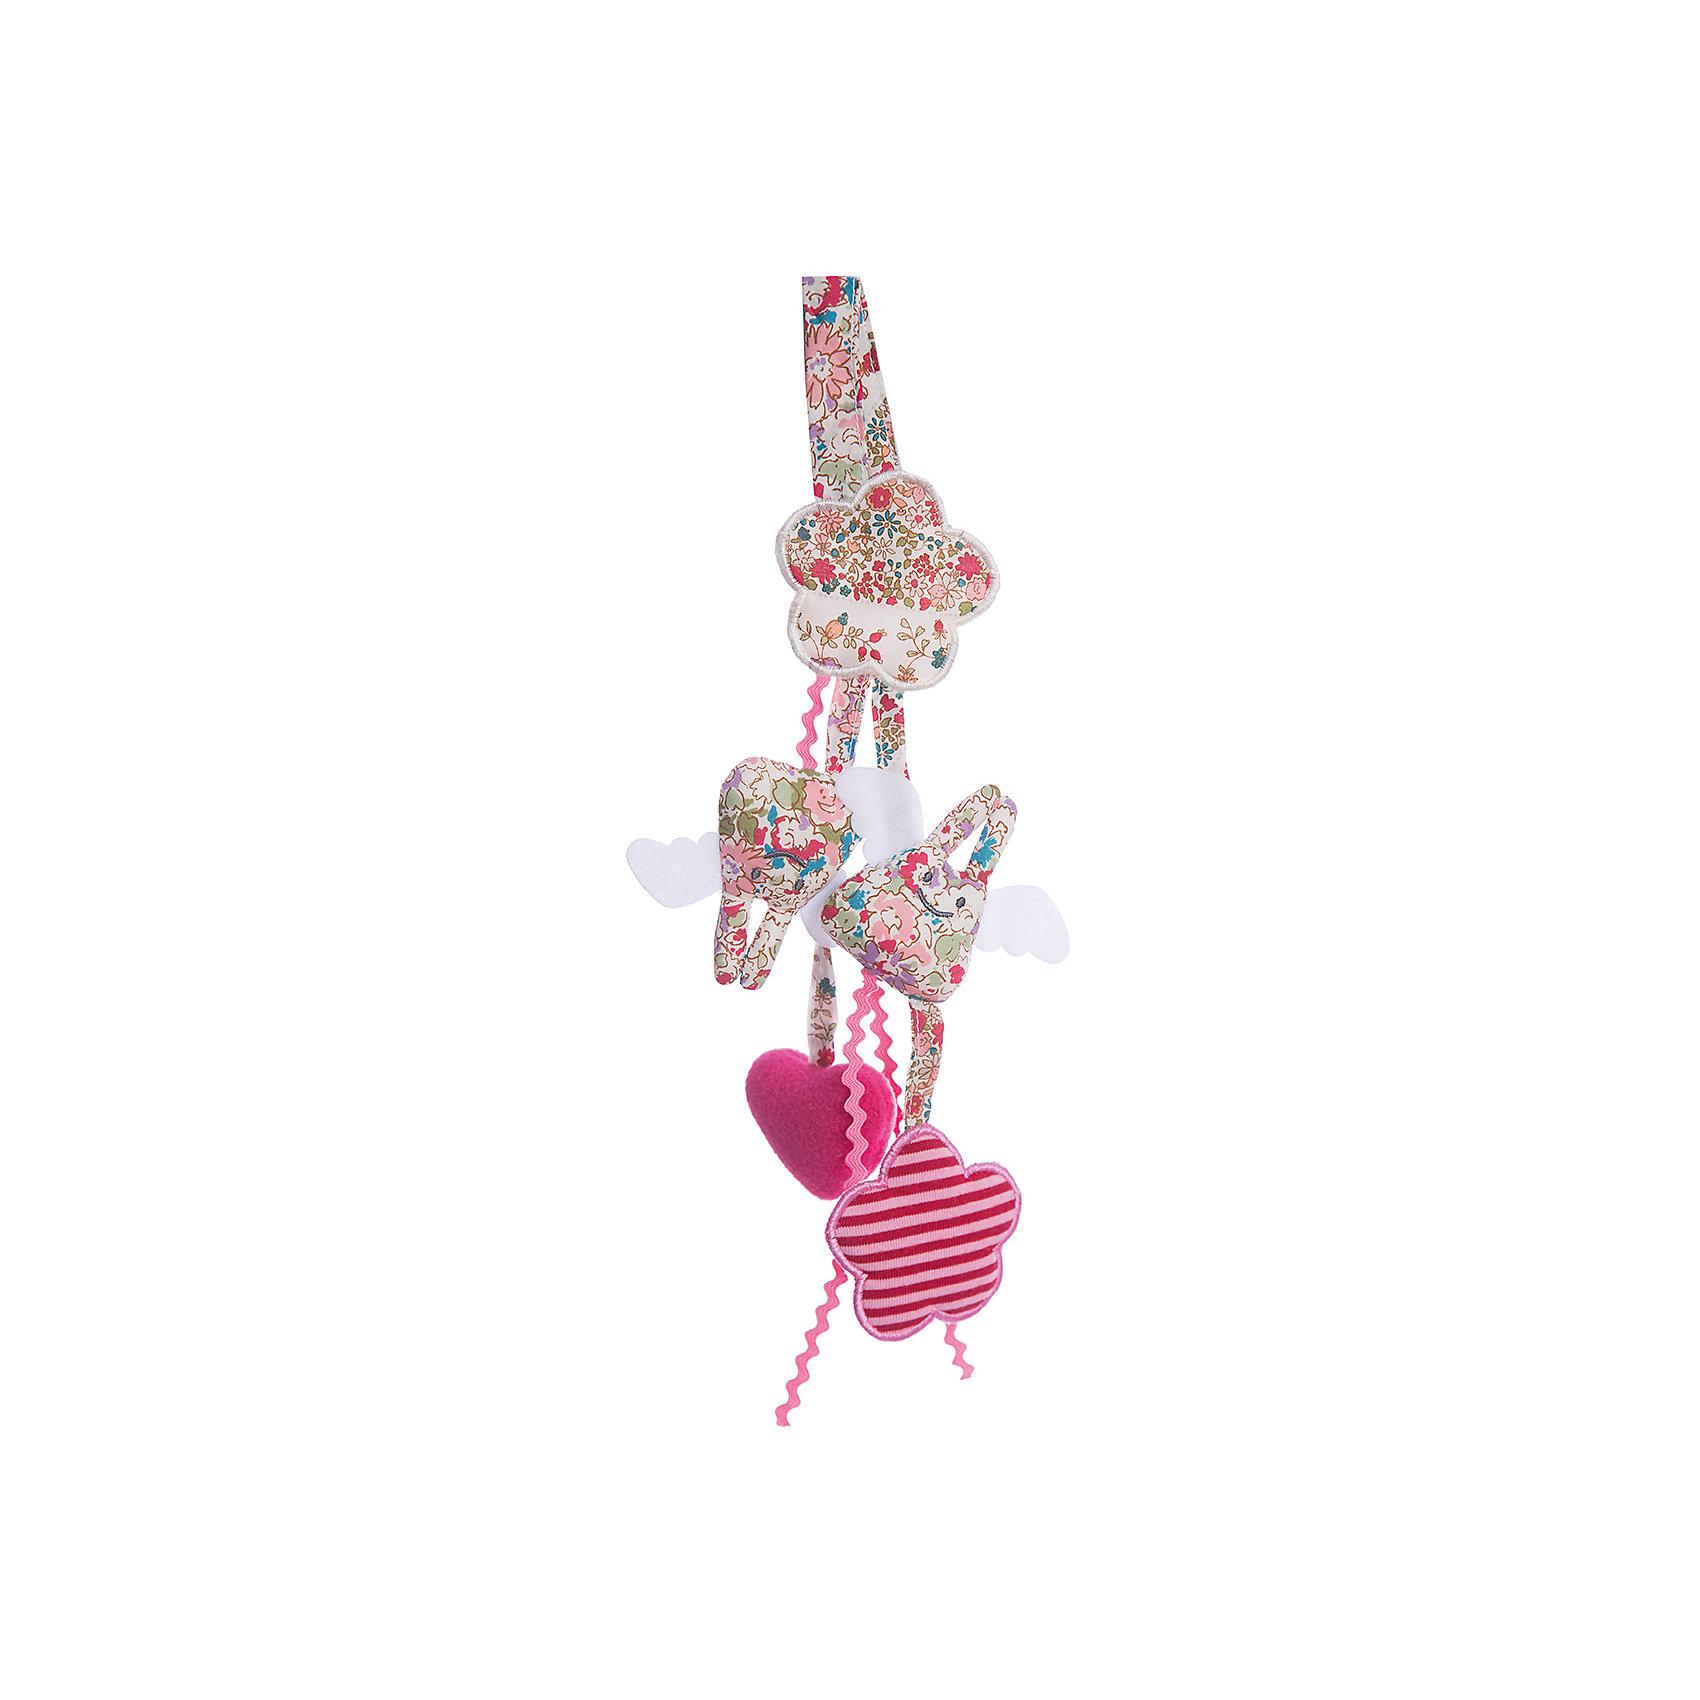 Мягкая погремушка-подвеска, 20см&#13;, TrousselierПодвески<br>Мягкая погремушка-подвеска, 20см, Trousselier<br><br>Характеристики:<br><br>• Материал: текстиль, пластик.<br>• Размер: 20 см. <br><br>Очаровательная мягкая погремушка-подвеска от известного французского бренда Trousselier в виде двух кроликов и двух сердечек не оставит равнодушным ни одного малыша. Такая погремушка легко крепится на кроватку или коляску, она не имеет мелких деталей, и ее запросто можно попробовать на вкус. А нежные пастельные тона великолепно вписываются в любой интерьер - игрушки и аксессуары французского бренда придадут определенный шарм детской комнате или гостиной.<br><br>Мягкую погремушку-подвеску, 20см, Trousselier, можно купить в нашем интернет – магазине.<br><br>Ширина мм: 200<br>Глубина мм: 40<br>Высота мм: 40<br>Вес г: 180<br>Возраст от месяцев: -2147483648<br>Возраст до месяцев: 2147483647<br>Пол: Унисекс<br>Возраст: Детский<br>SKU: 4964790